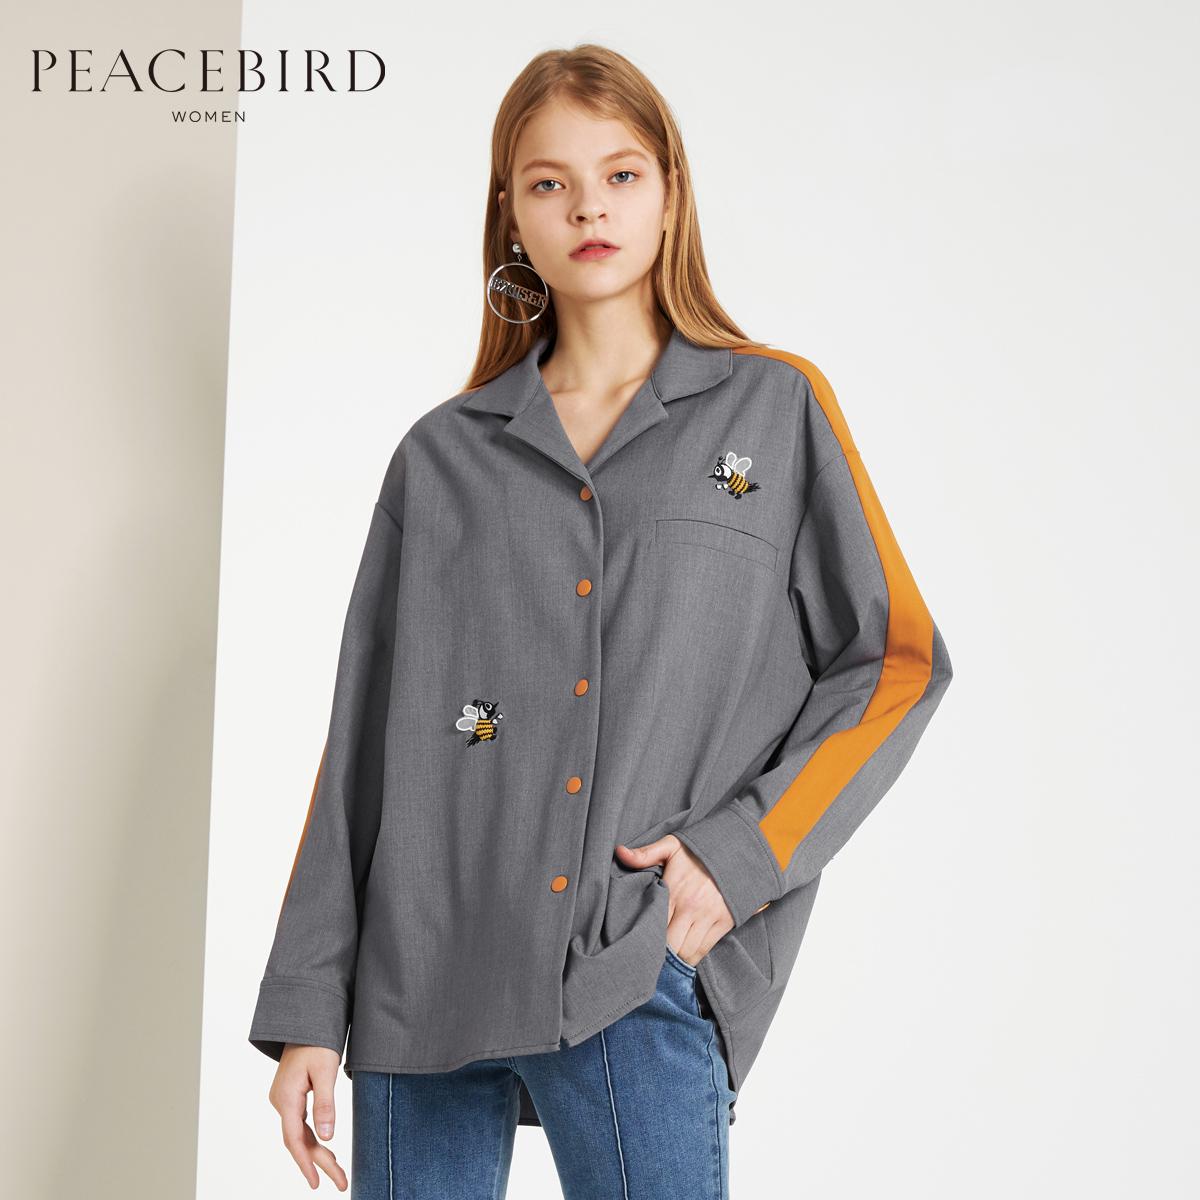 太平鸟女装2018春装新款刺绣睡衣式衬衫撞色长袖衬衣